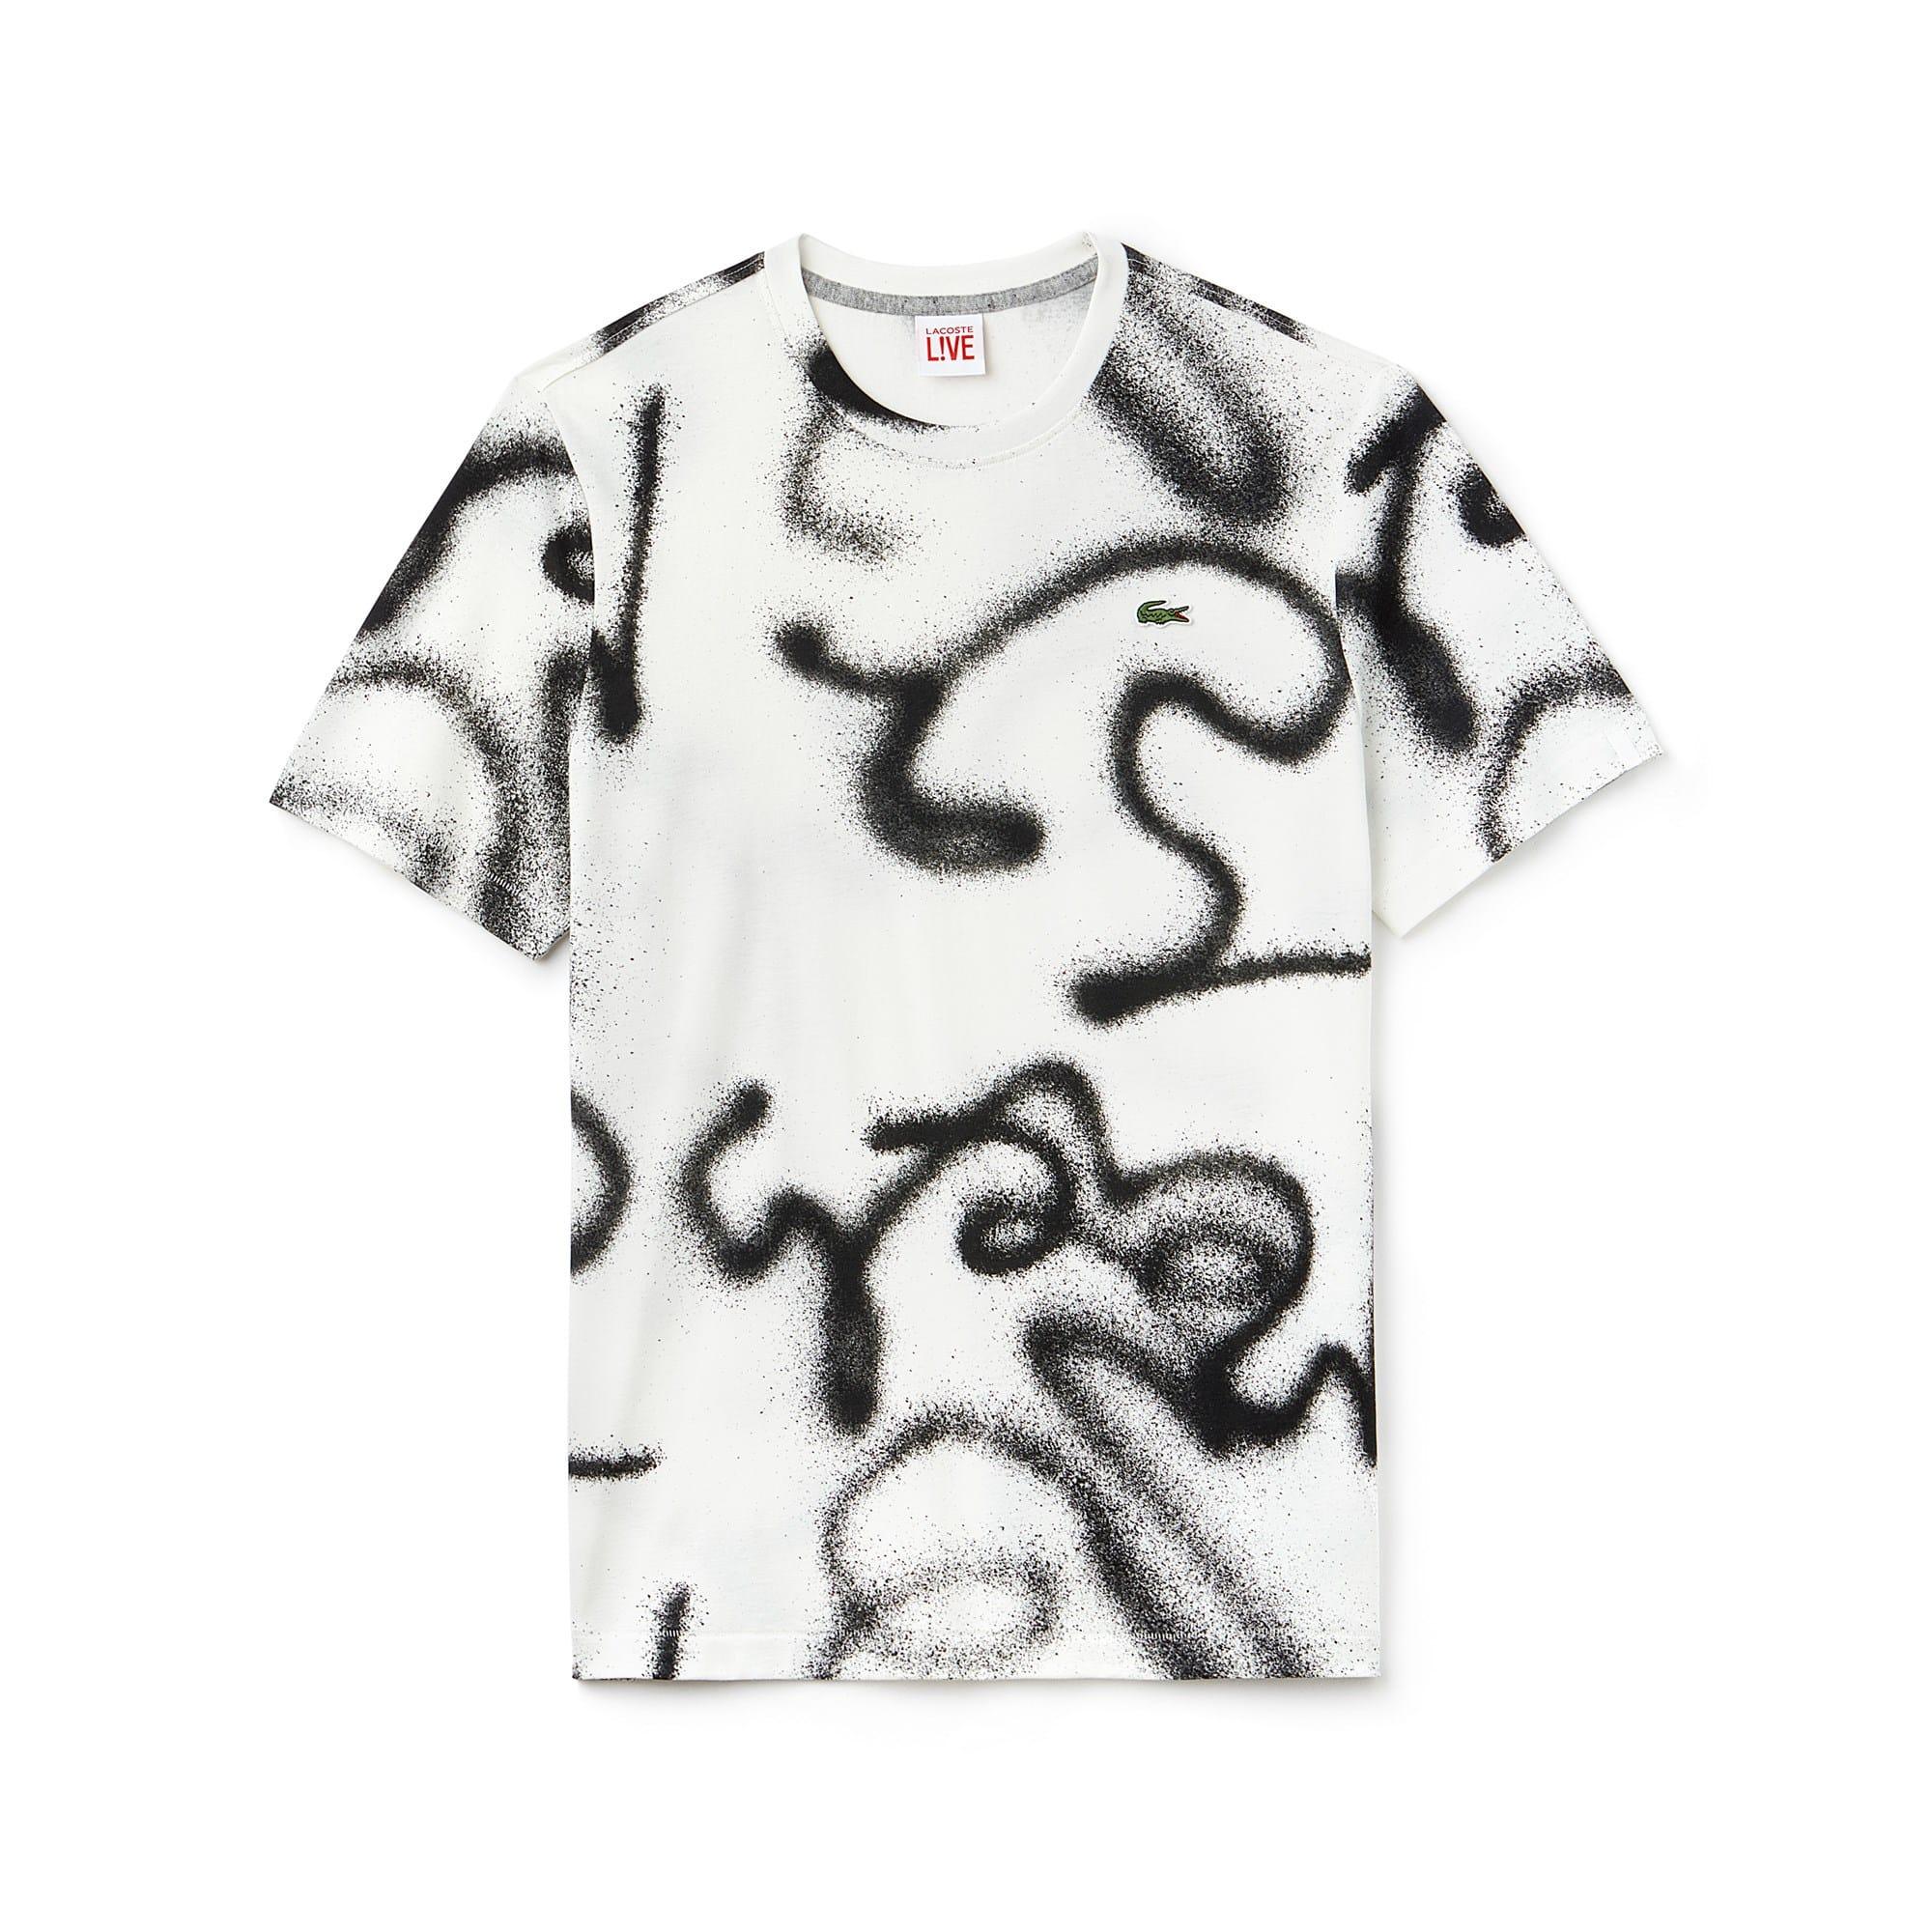 Herren LACOSTE LIVE Rundhals Jersey T-Shirt mit Graffiti Print